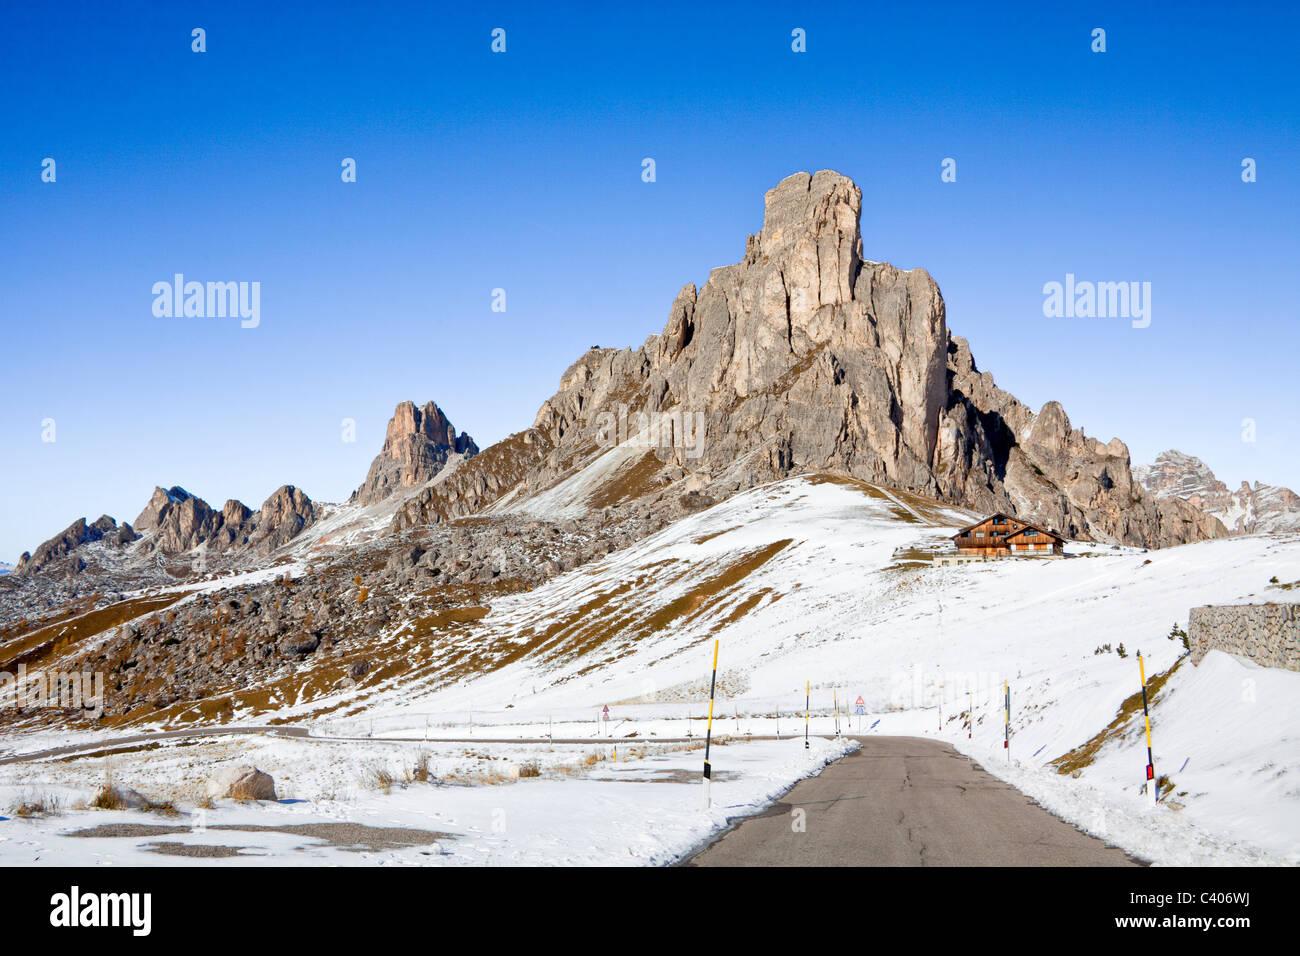 Italy, Europe, Dolomites, Alps, Giau, Pass, snow, mountains, street - Stock Image